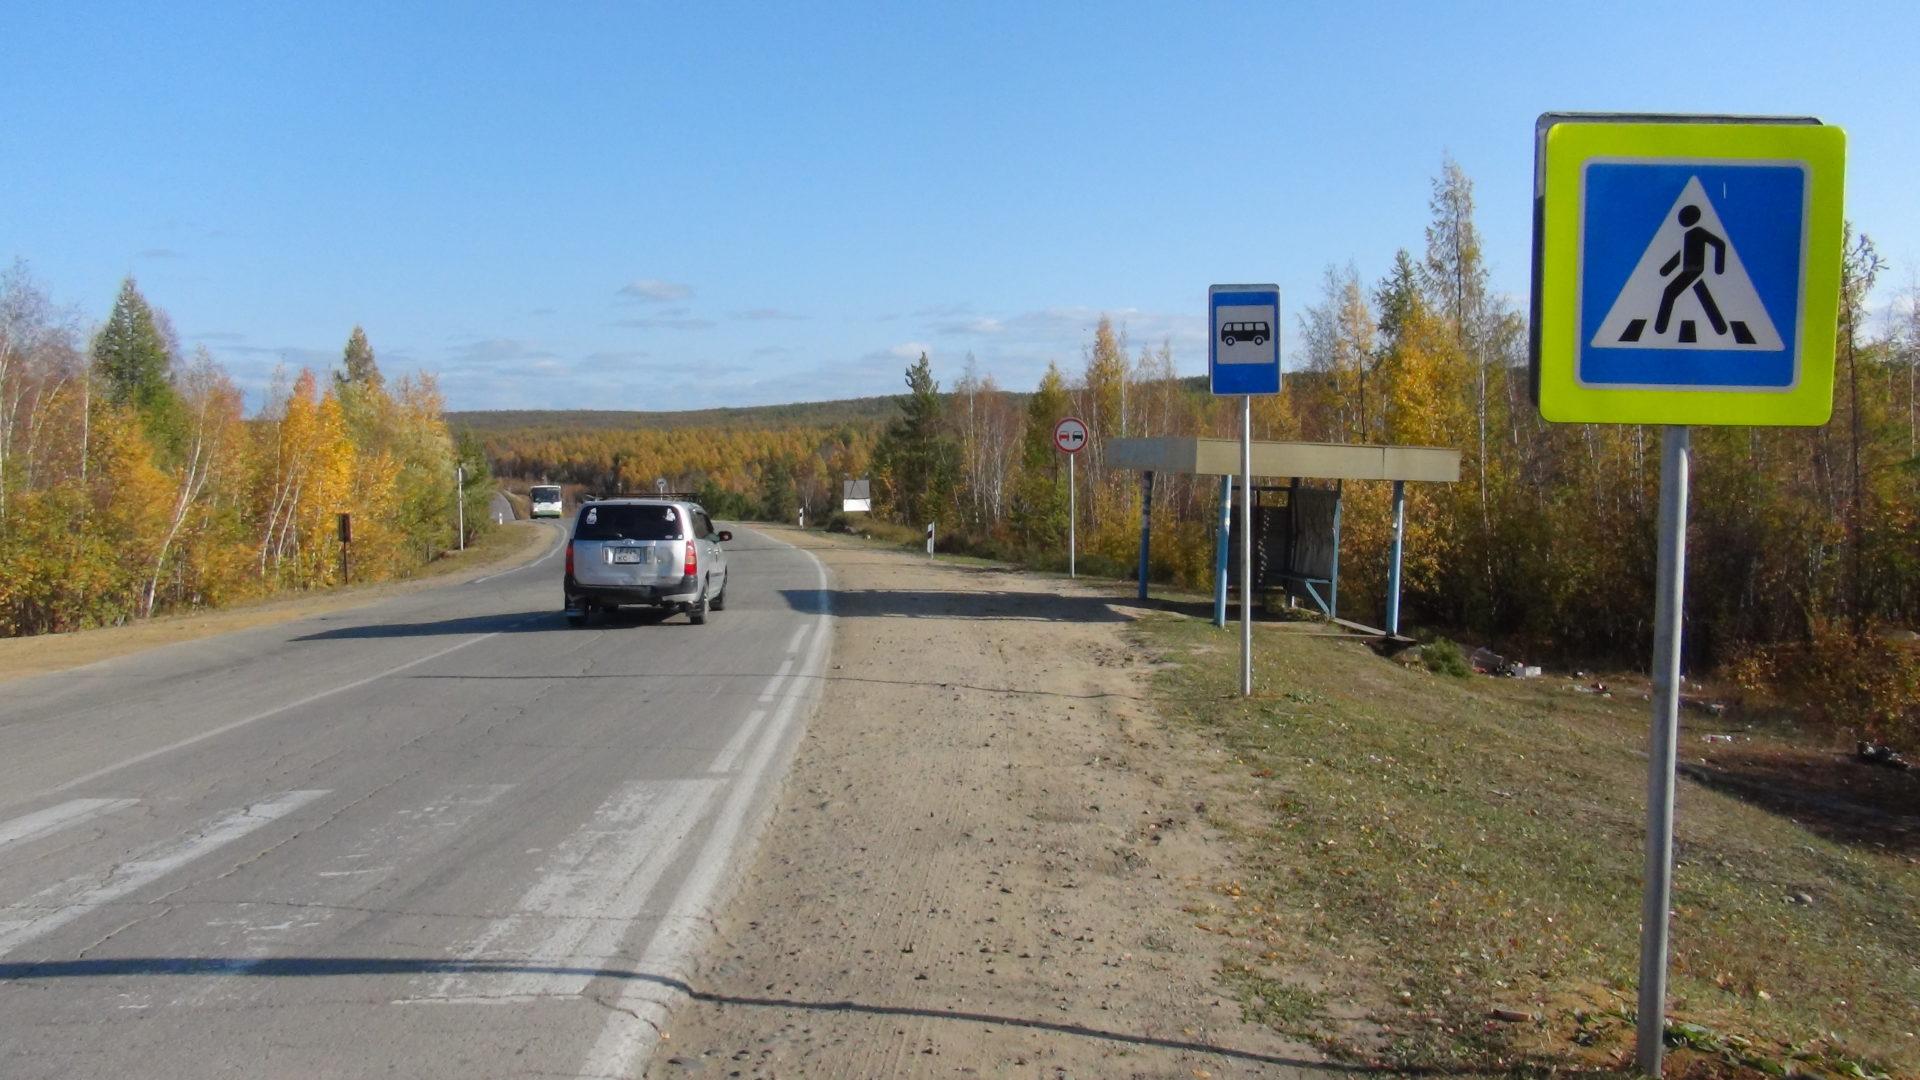 Нацпроект «БКАД» в Якутии обеспечит безопасность дорожного движения